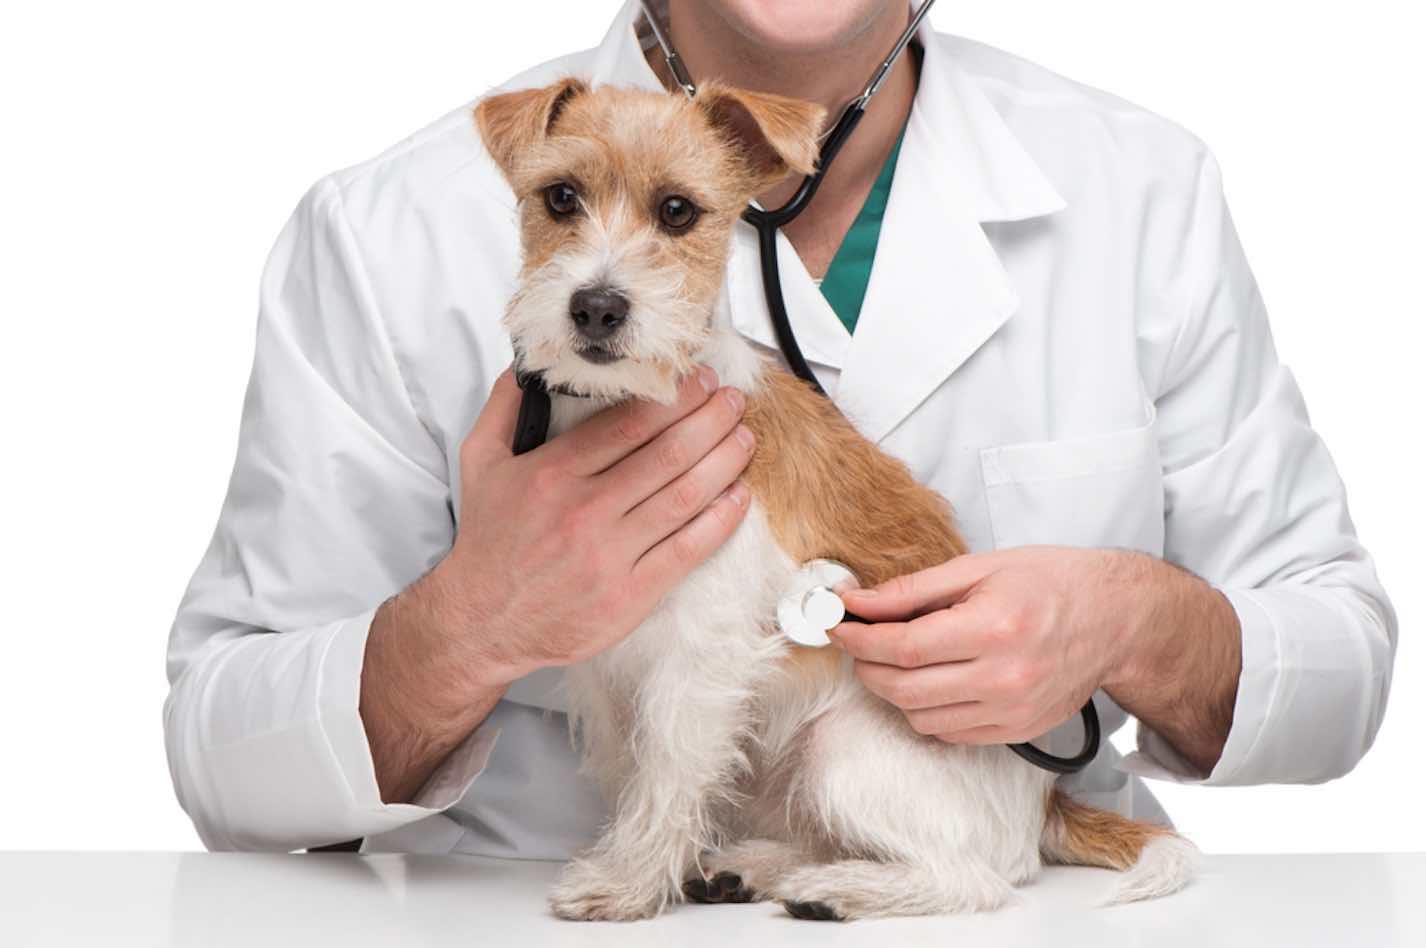 Ricetta Veterinaria Uso In Deroga.Ricetta Veterinaria Chiarimenti E Novita Della Normativa Il Tuo Farmacista